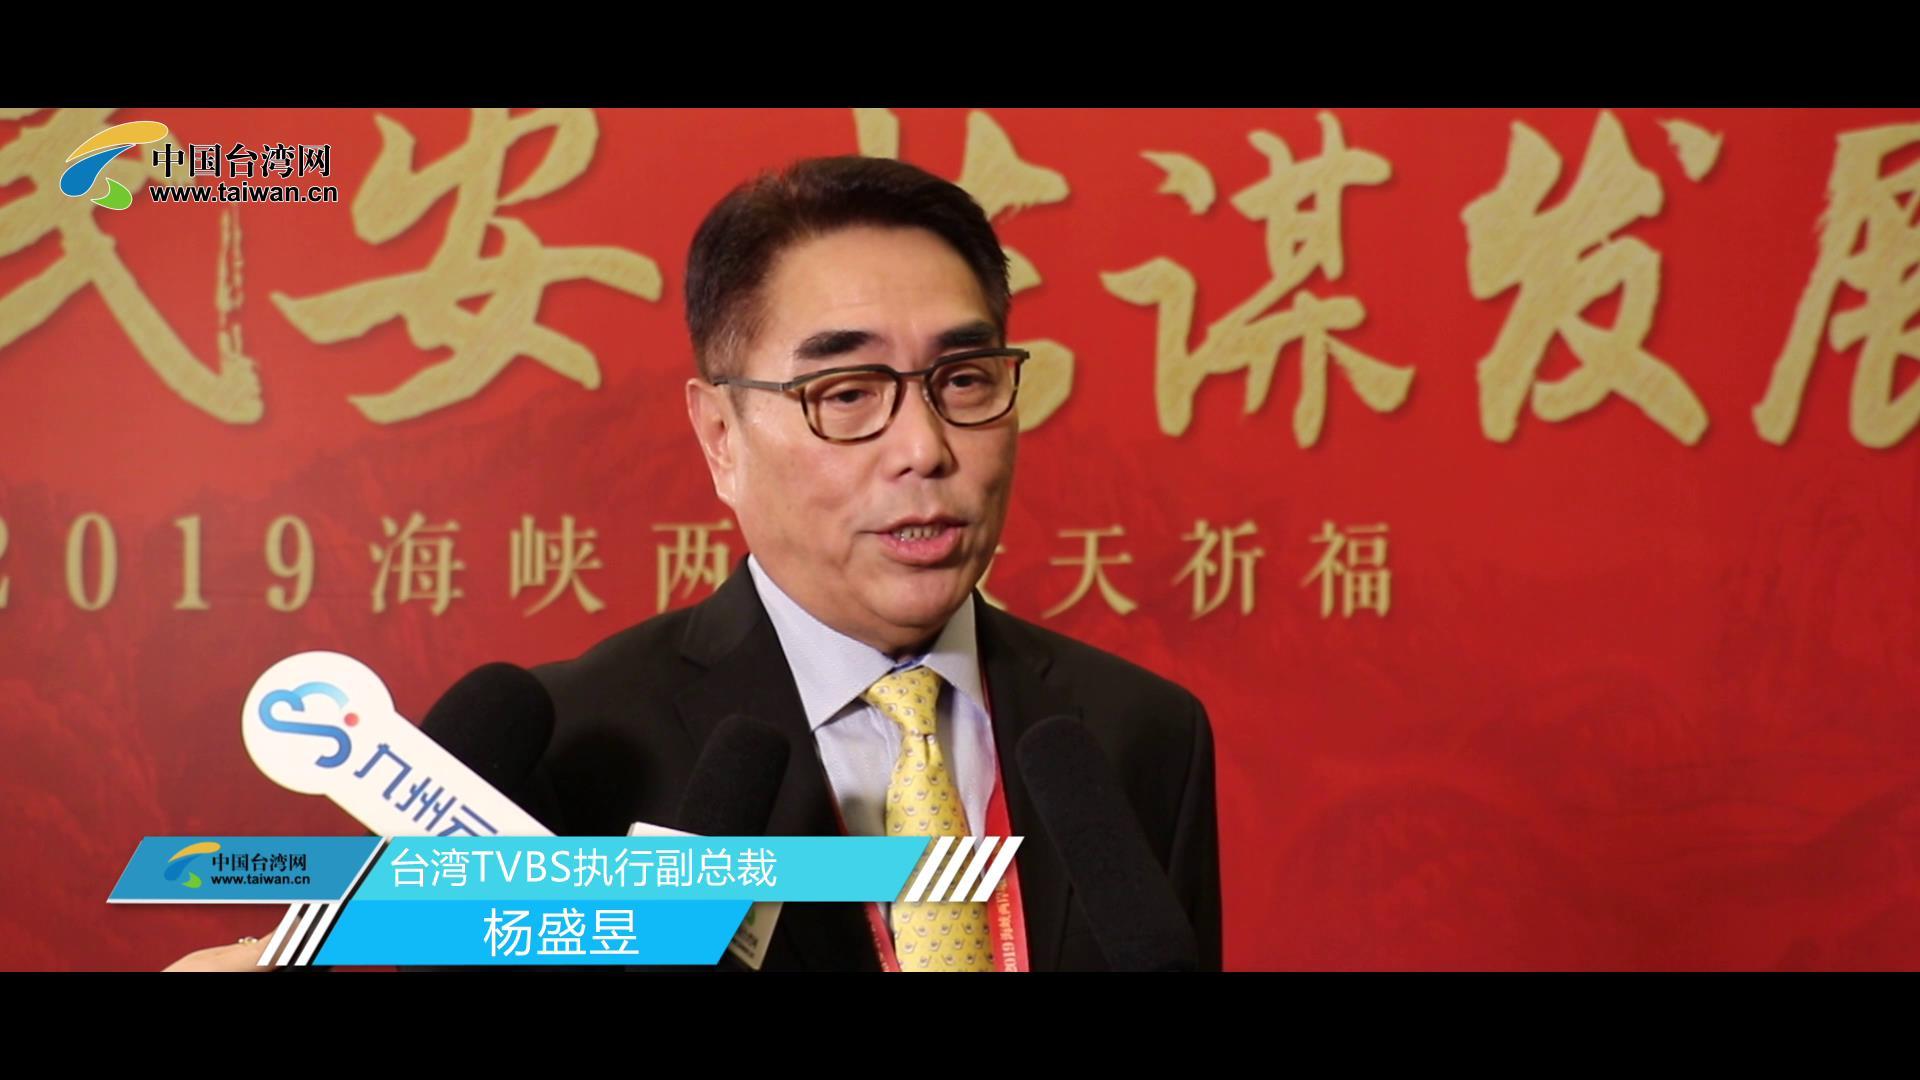 台湾TVBS执行副总裁-杨盛昱图片